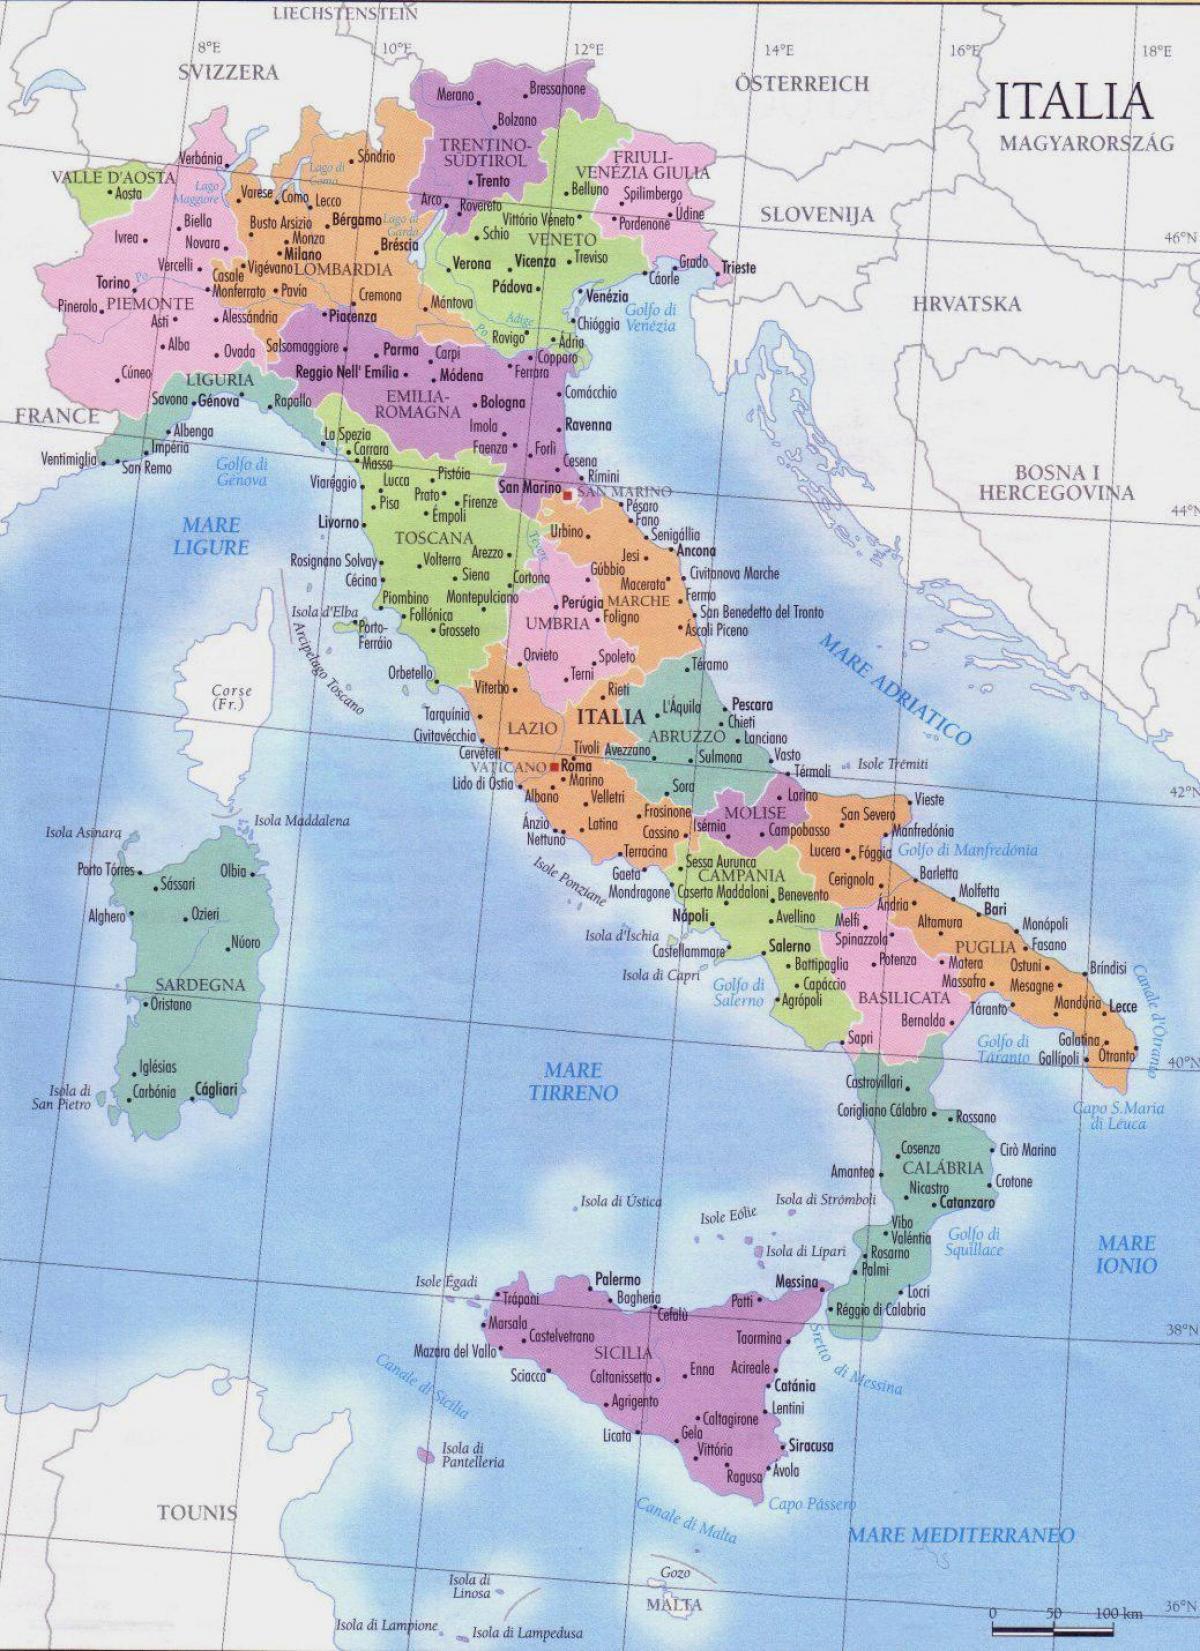 Karte Italien Regionen.Karte Von Italien Regionen Detaillierte Karte Von Italien Regionen